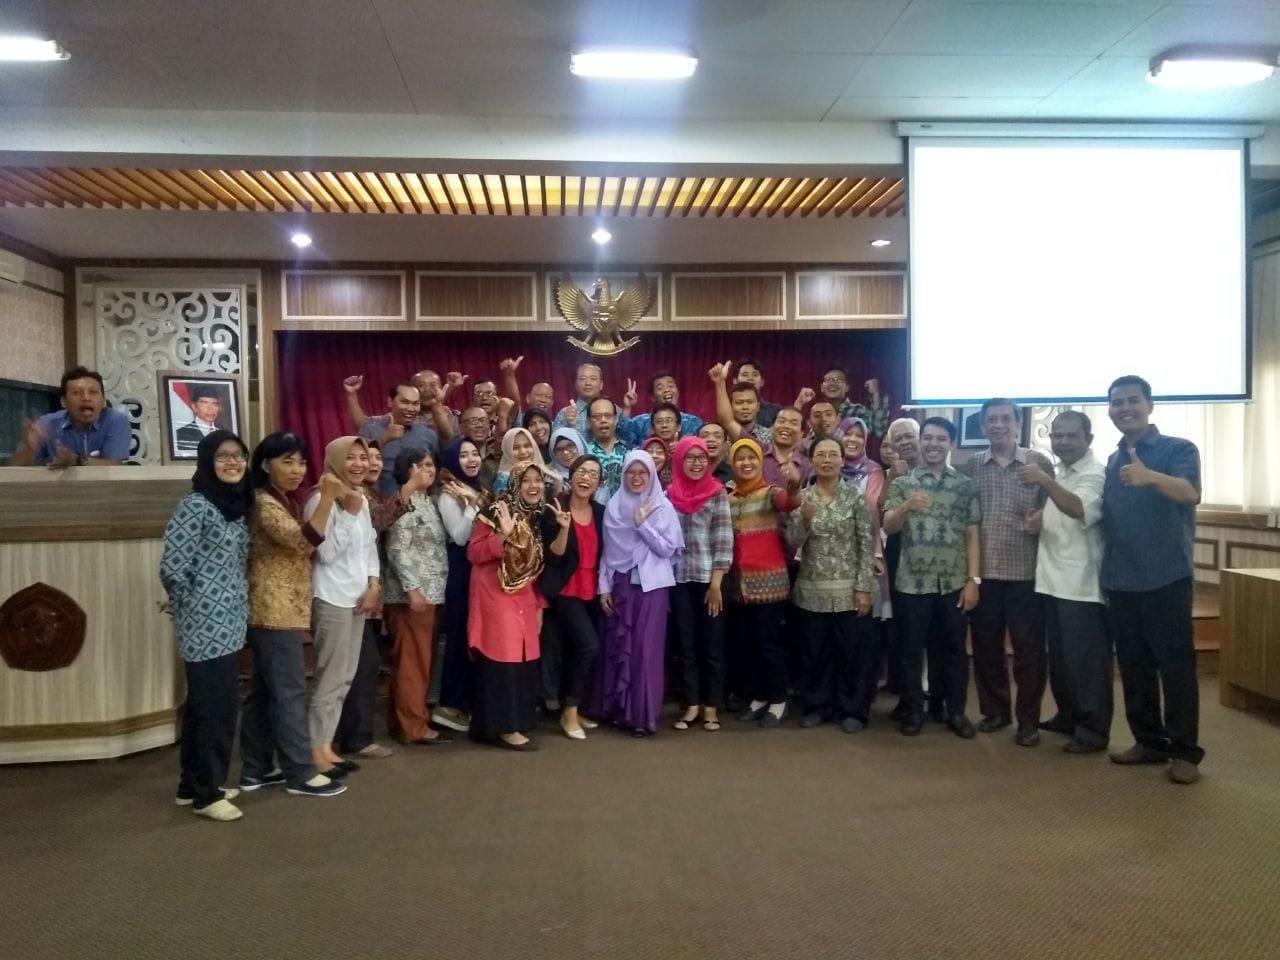 Pelatihan dan Serah Terima Pekerjaan Universitas 17 Agustus 1945 Semarang